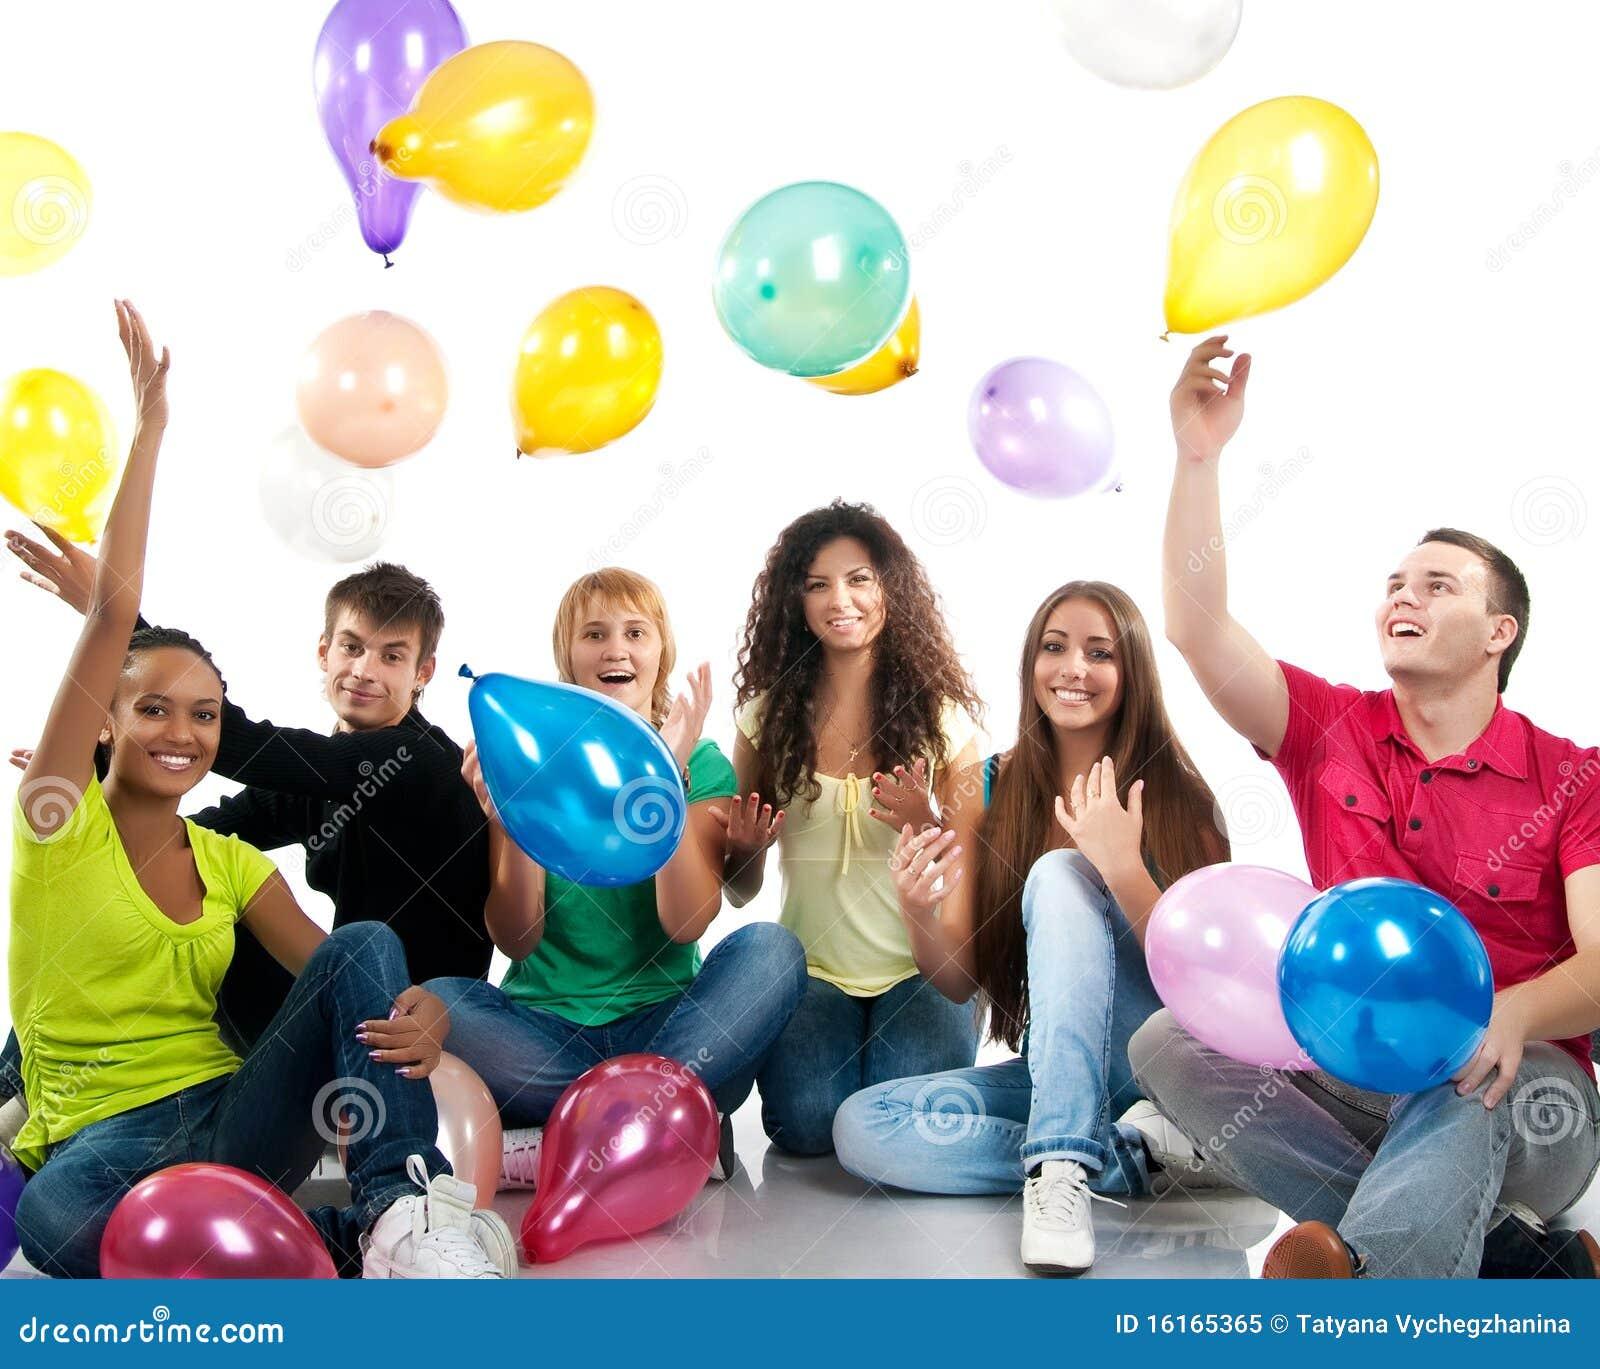 Adolescentes - Imgenes gratis en Pixabay